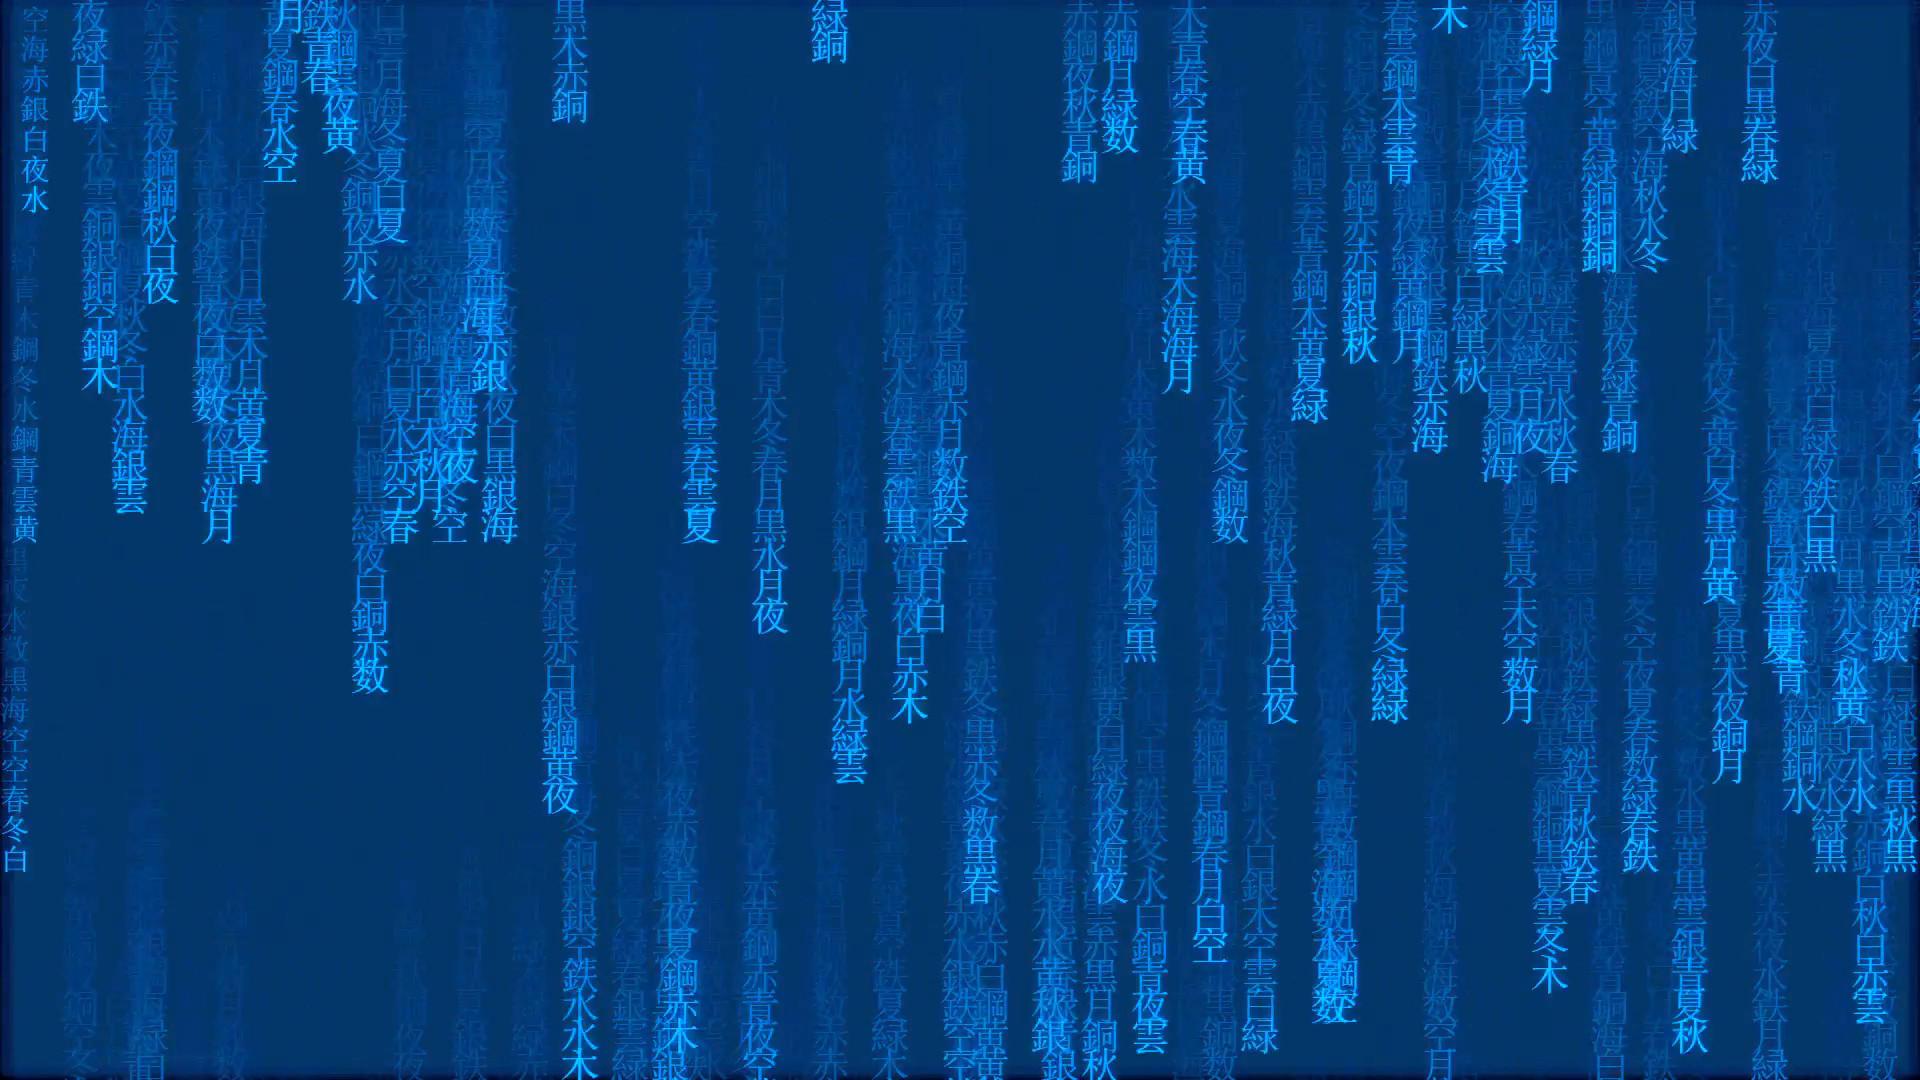 Blue Matrix Wallpaper 56 Images